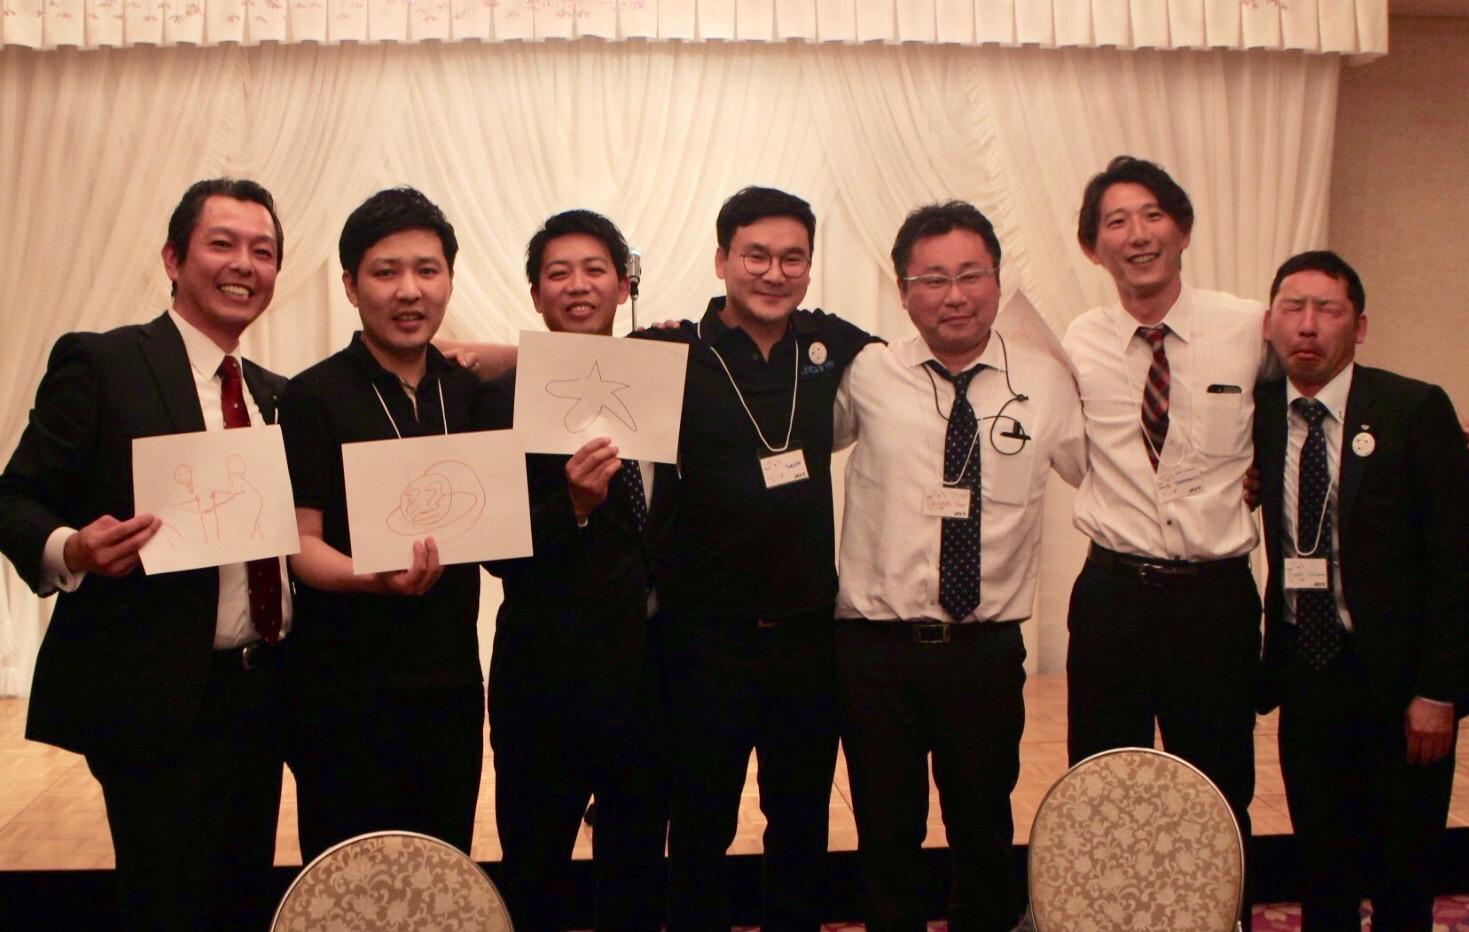 釜山・福岡・下関JC TRIO ビジネス交流 ウェルカムパーティのサムネイル画像5